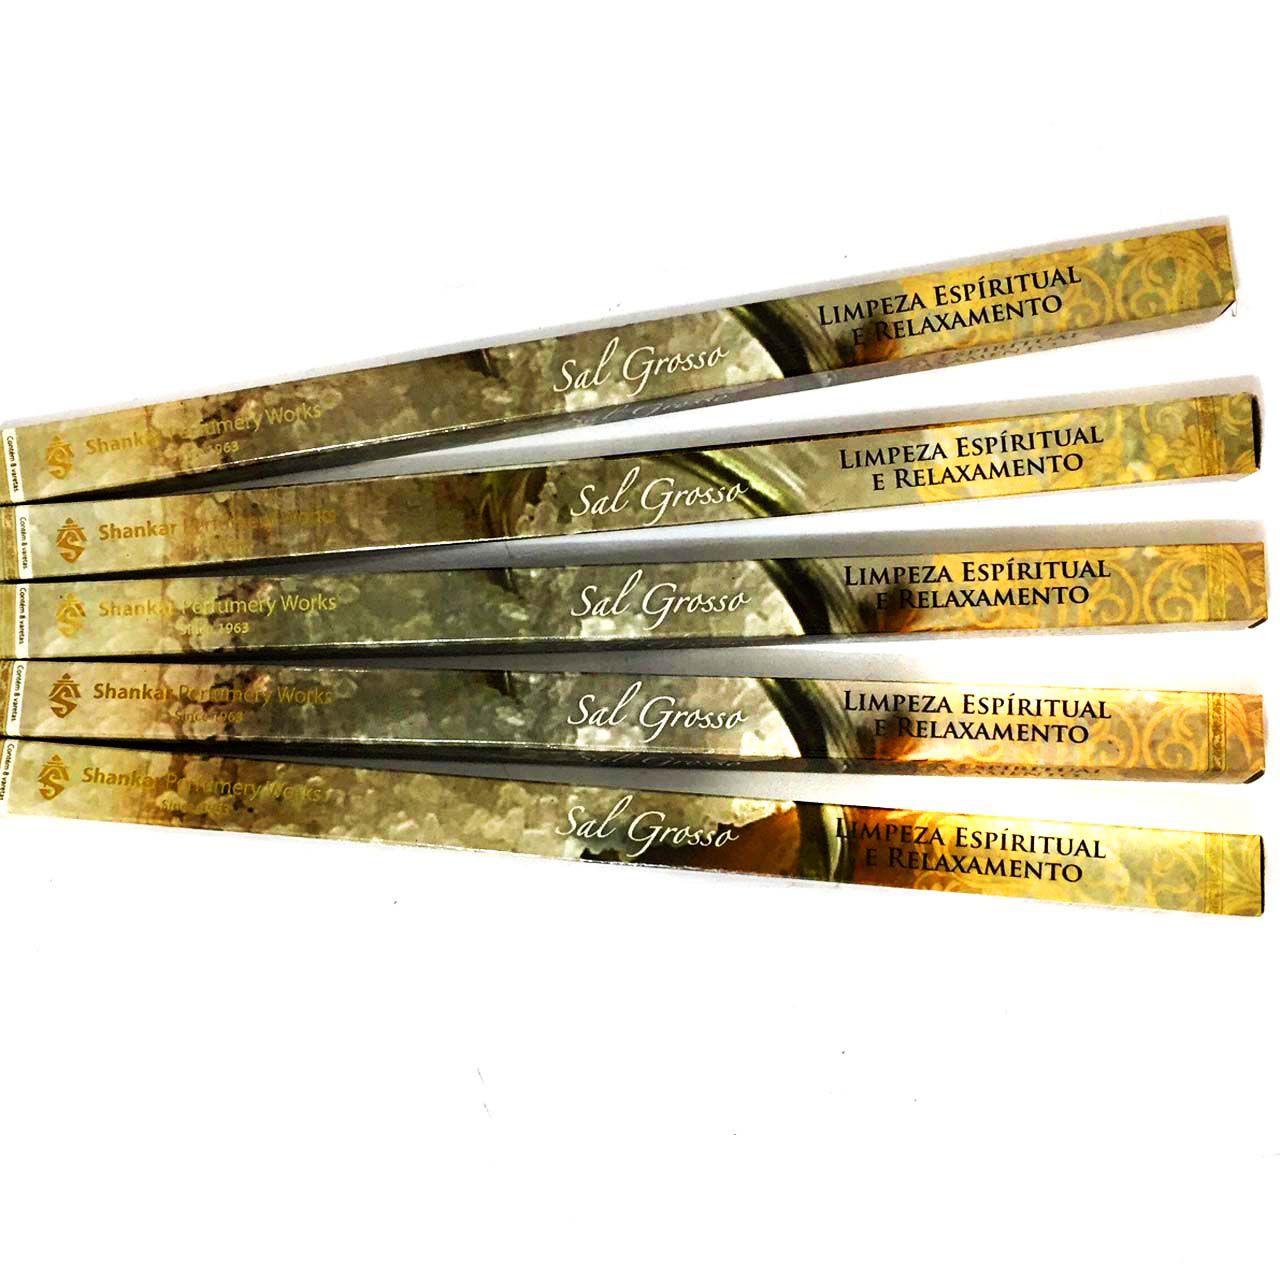 5 Caixas de Incensos Shankar Sal Grosso - 40 varetas